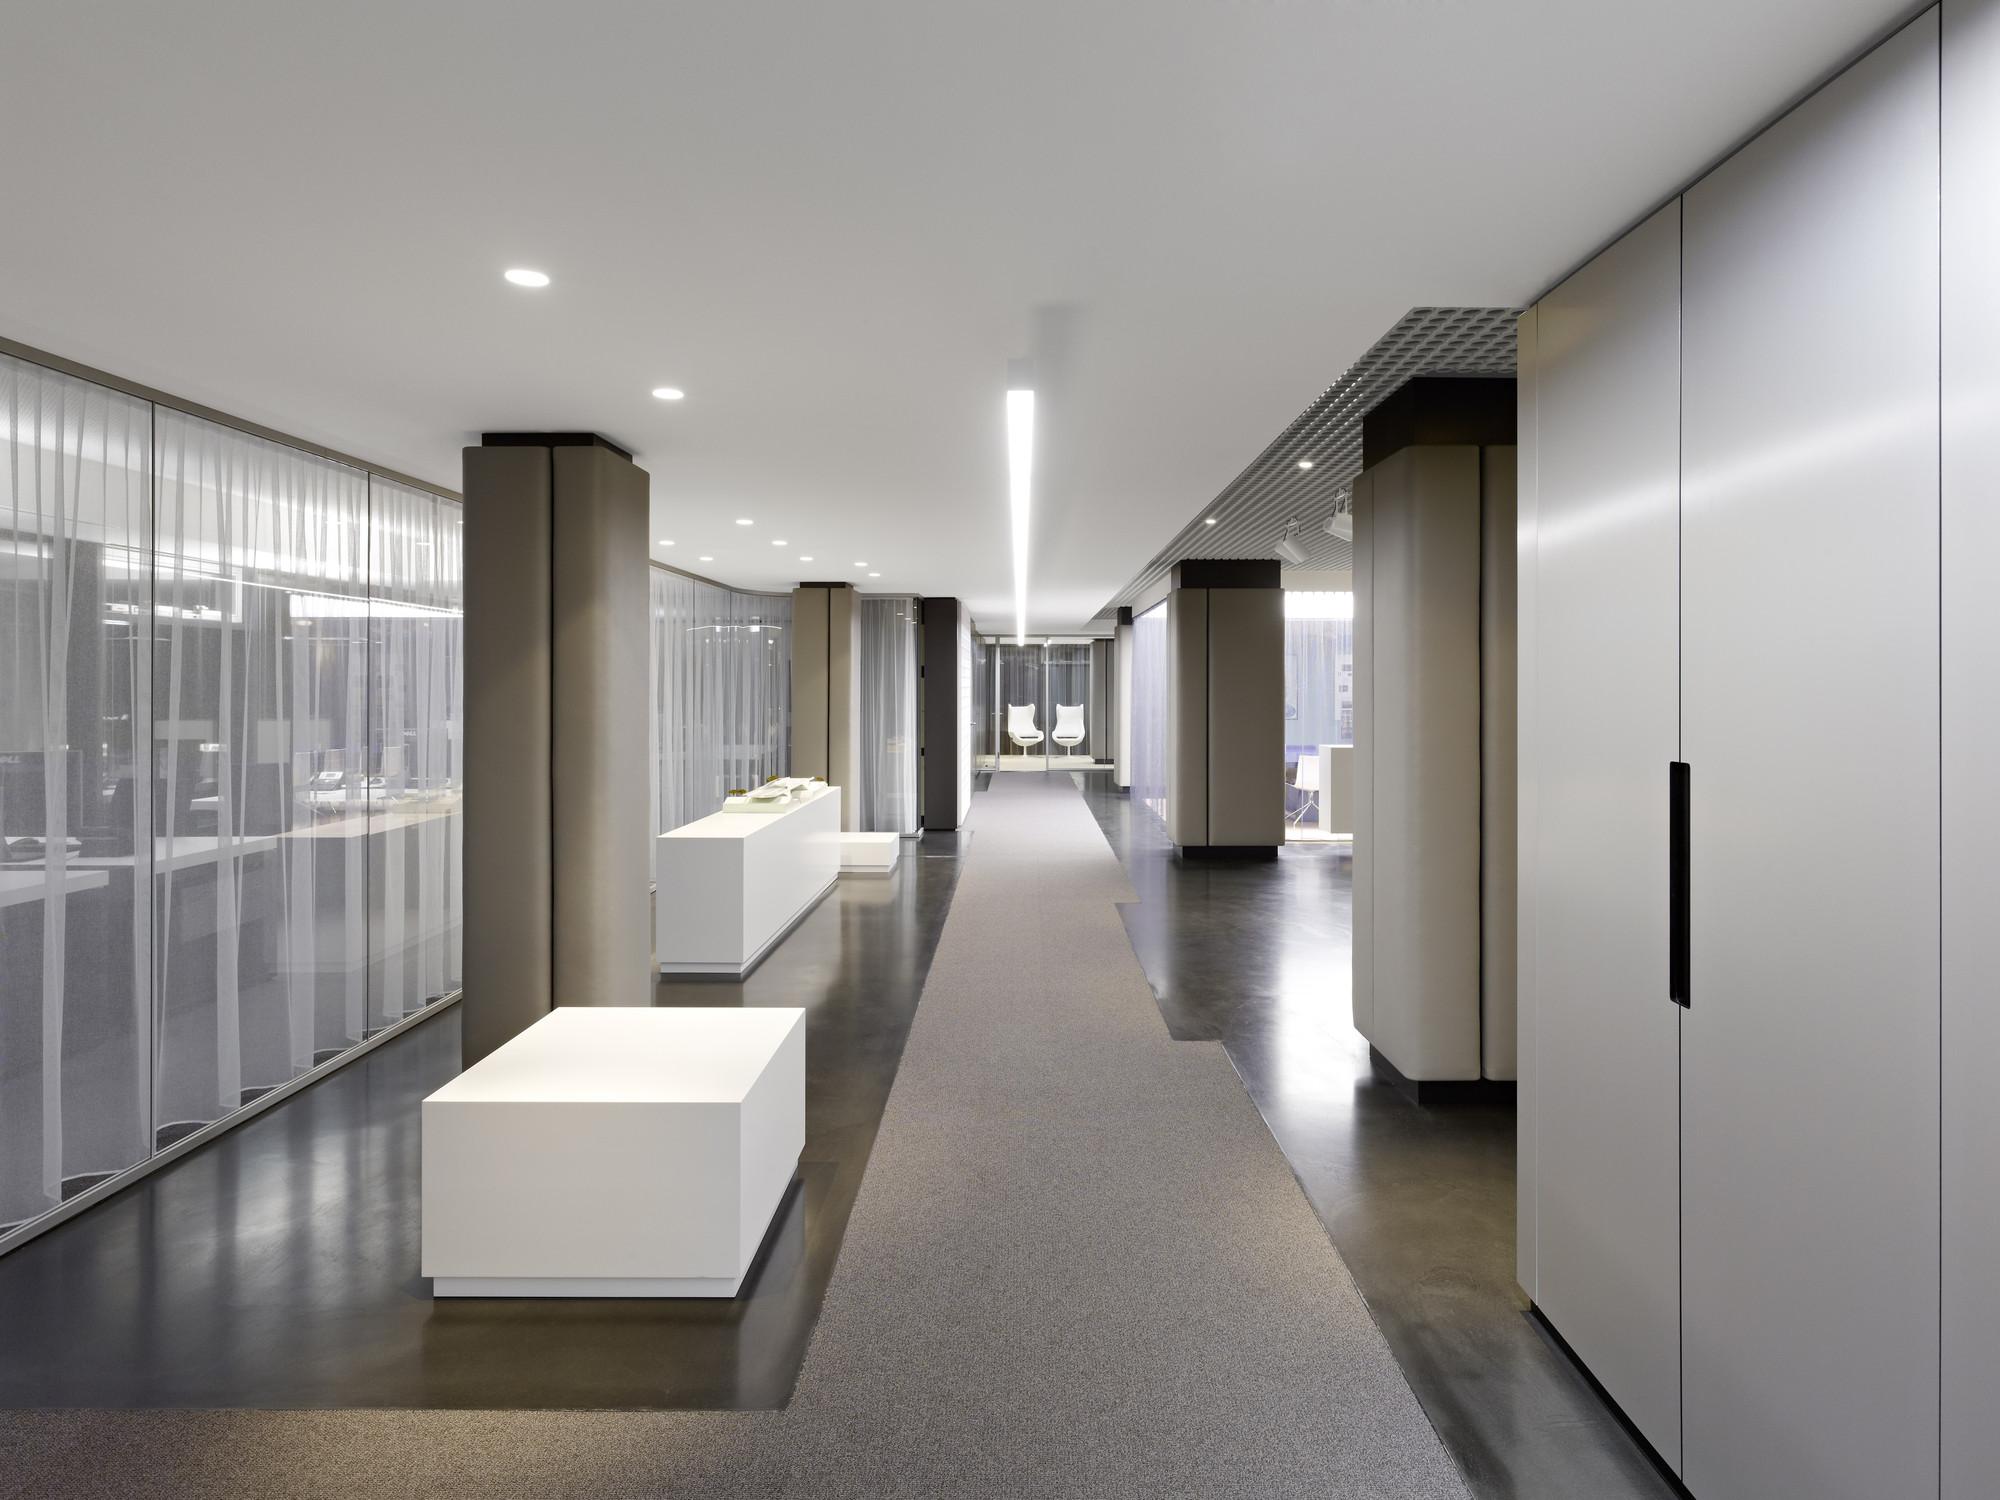 galer a de oficinas schlaich bergermann und partner ippolito fleitz group gmbh 8. Black Bedroom Furniture Sets. Home Design Ideas